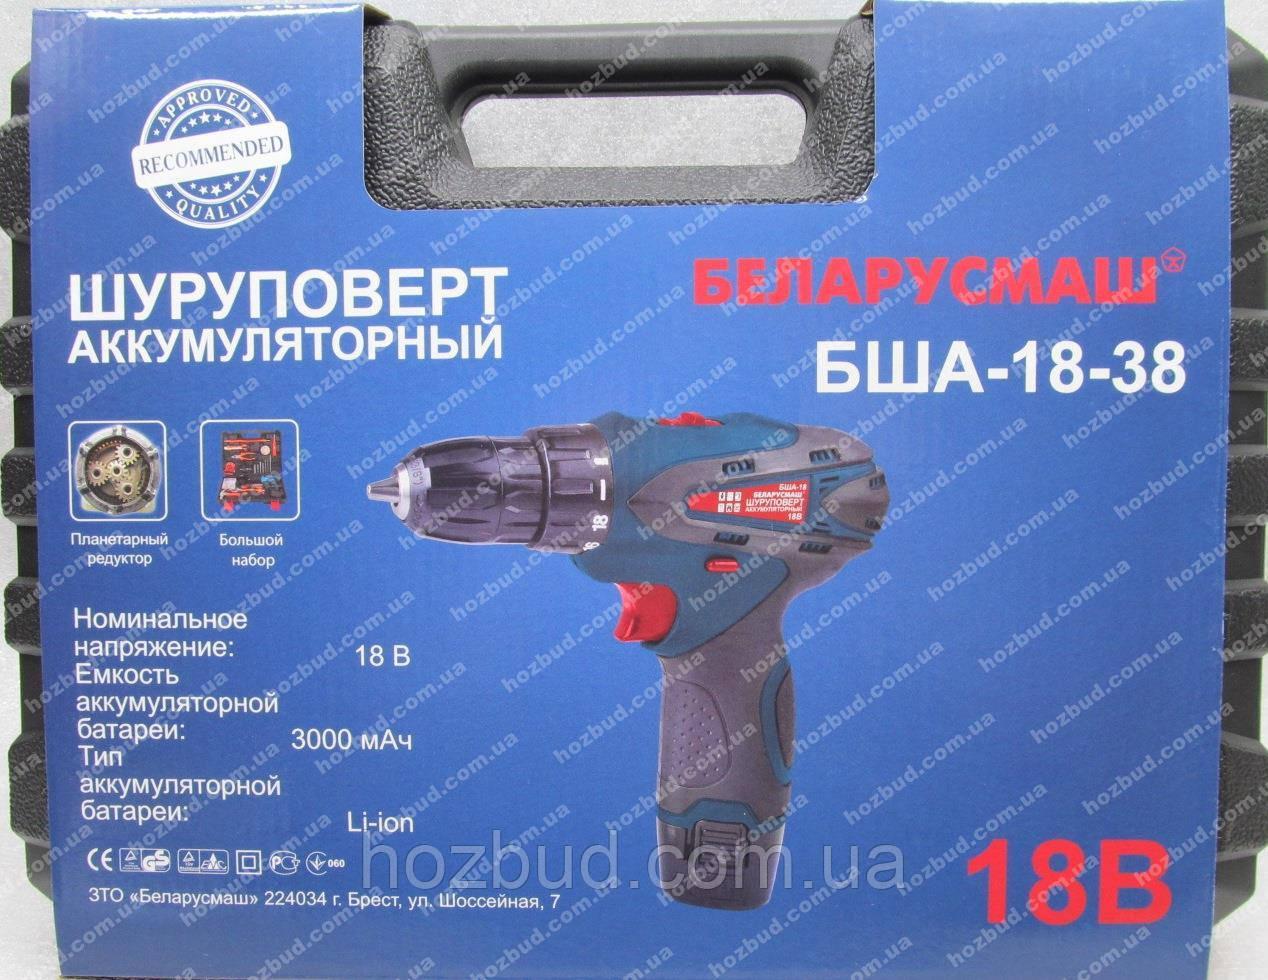 Шуруповерт акумуляторний Беларусмаш БША-18-38 (набір інструменту)